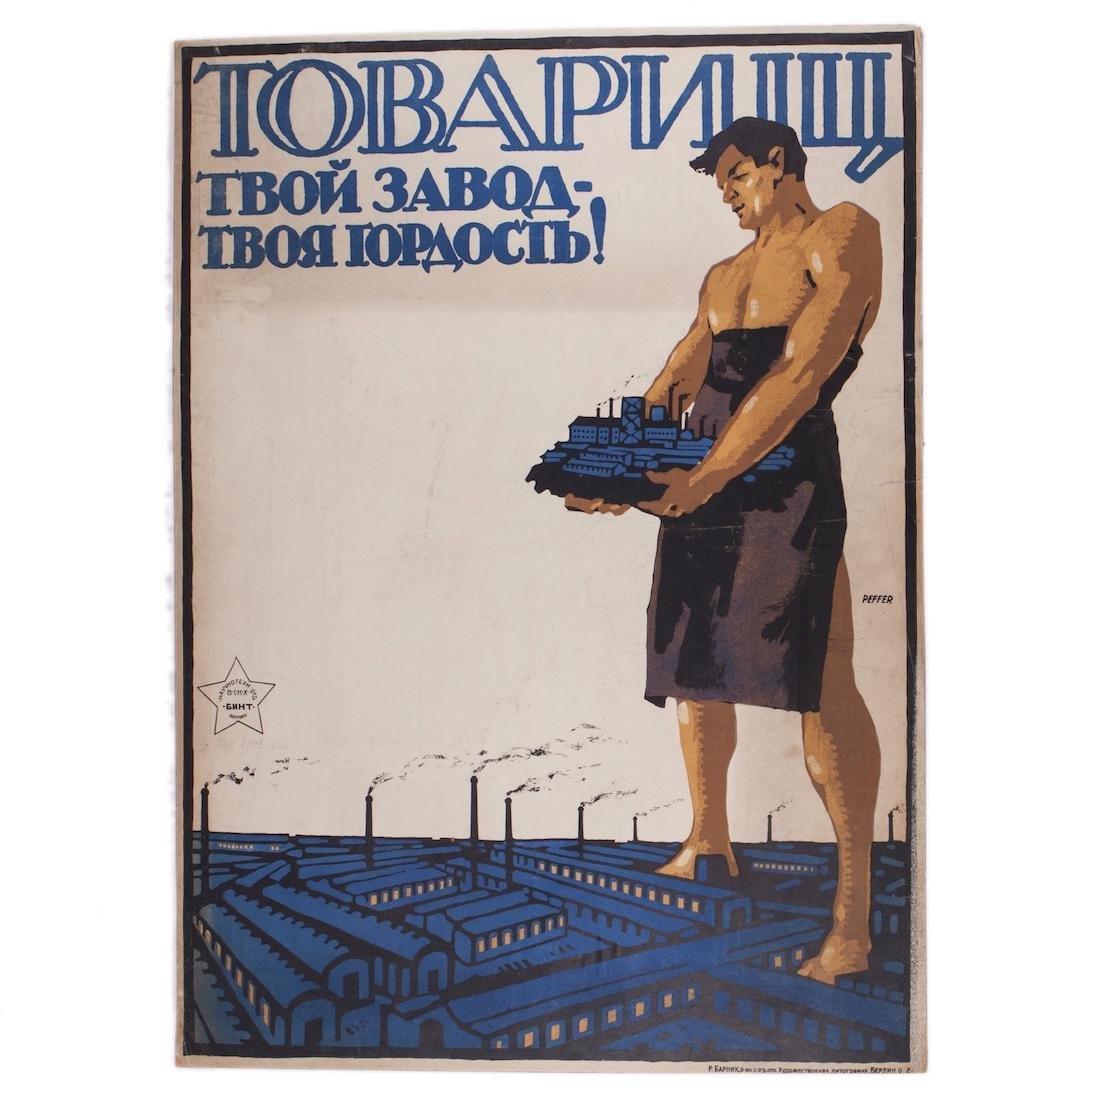 Soviet agitational poster